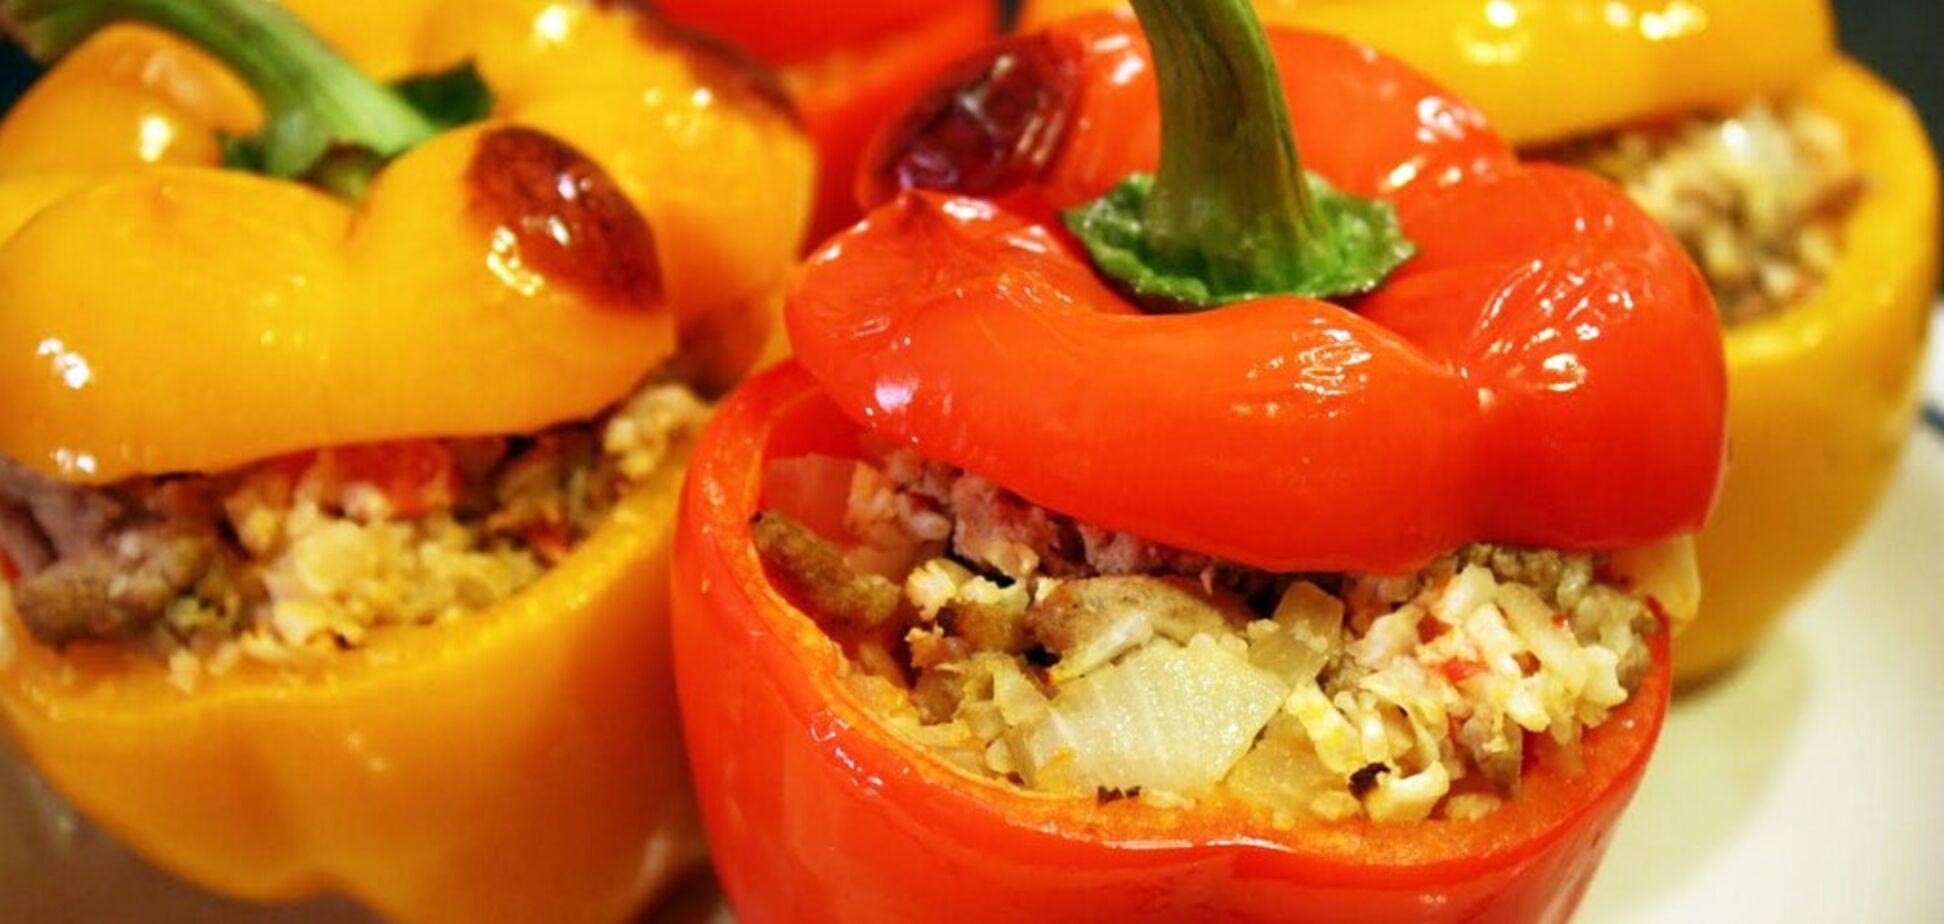 Эти вкусные фаршированные перцы: три лучших рецепта сезонного блюда